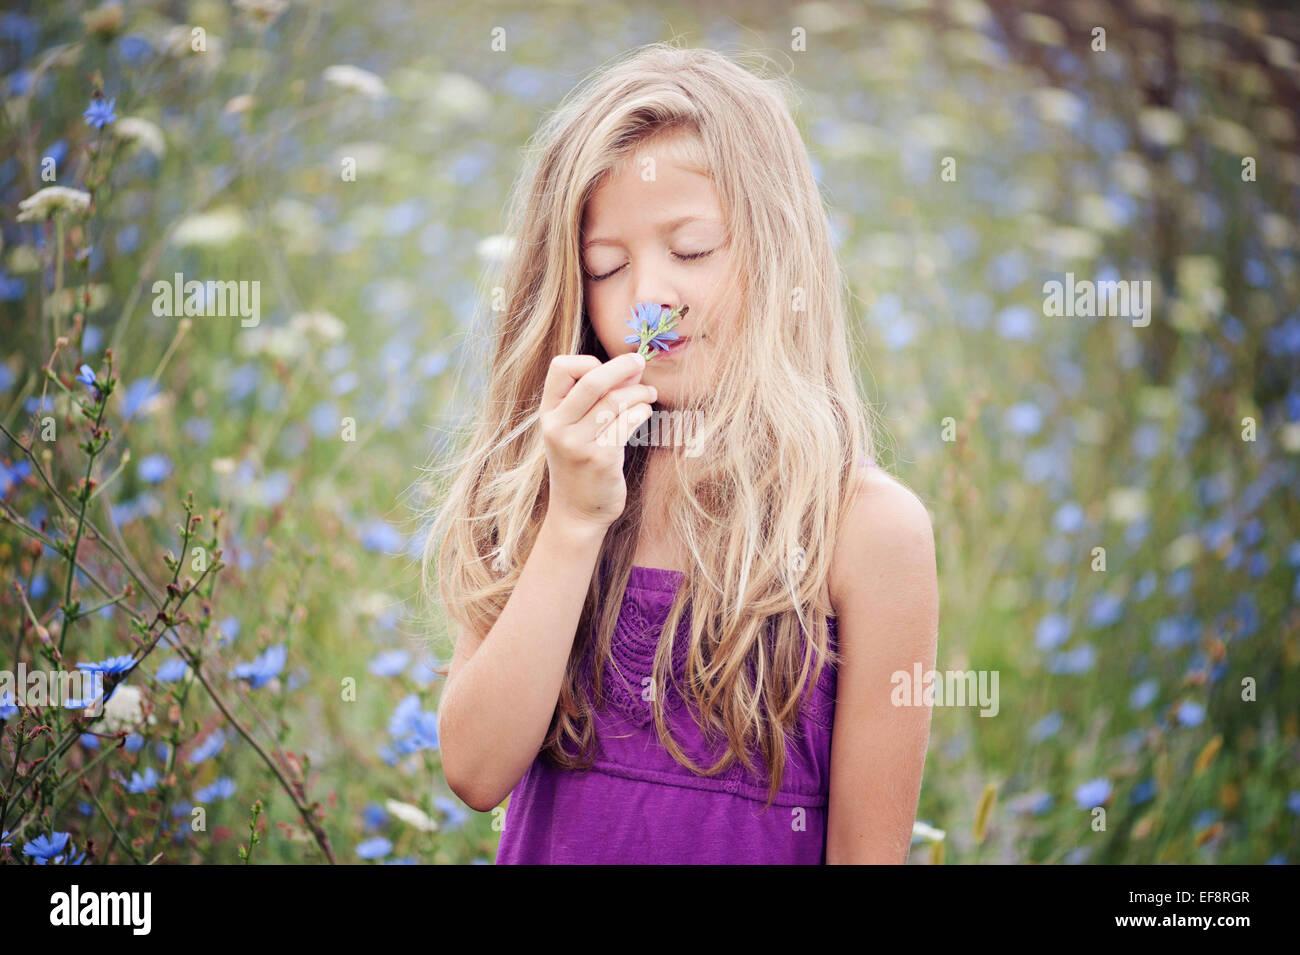 Ritratto di giovane ragazza odore di fiore (6-7) nel campo di cicoria Immagini Stock